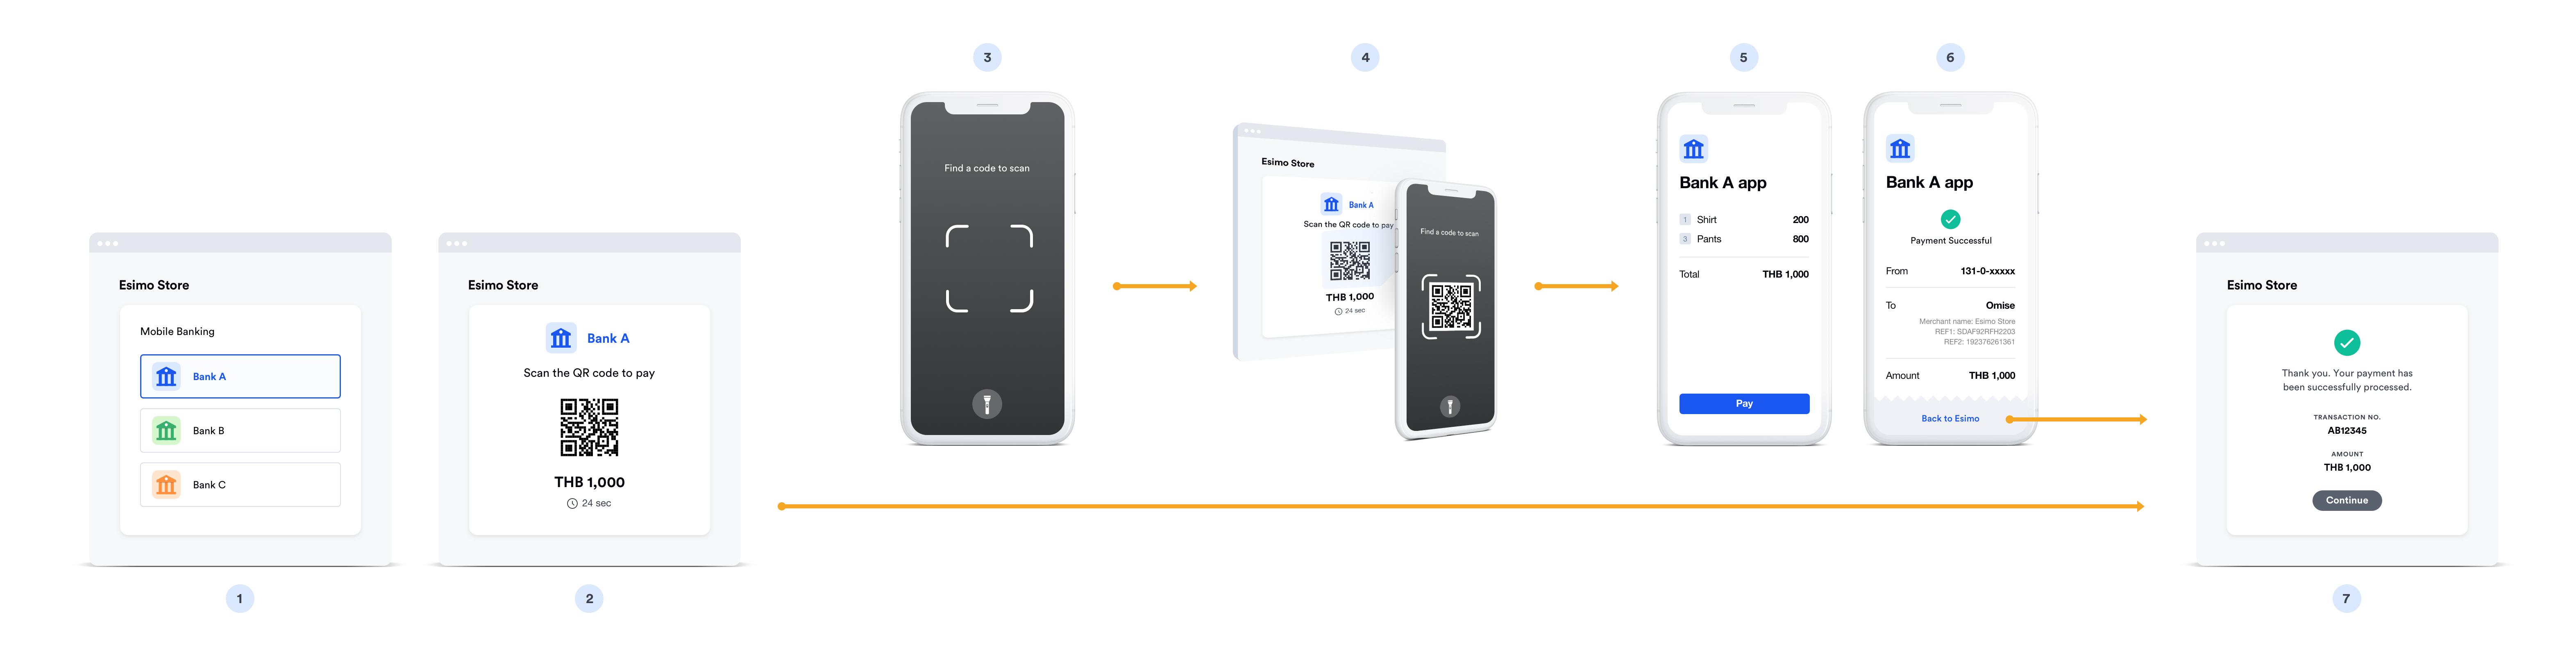 Mobile Banking Desktop